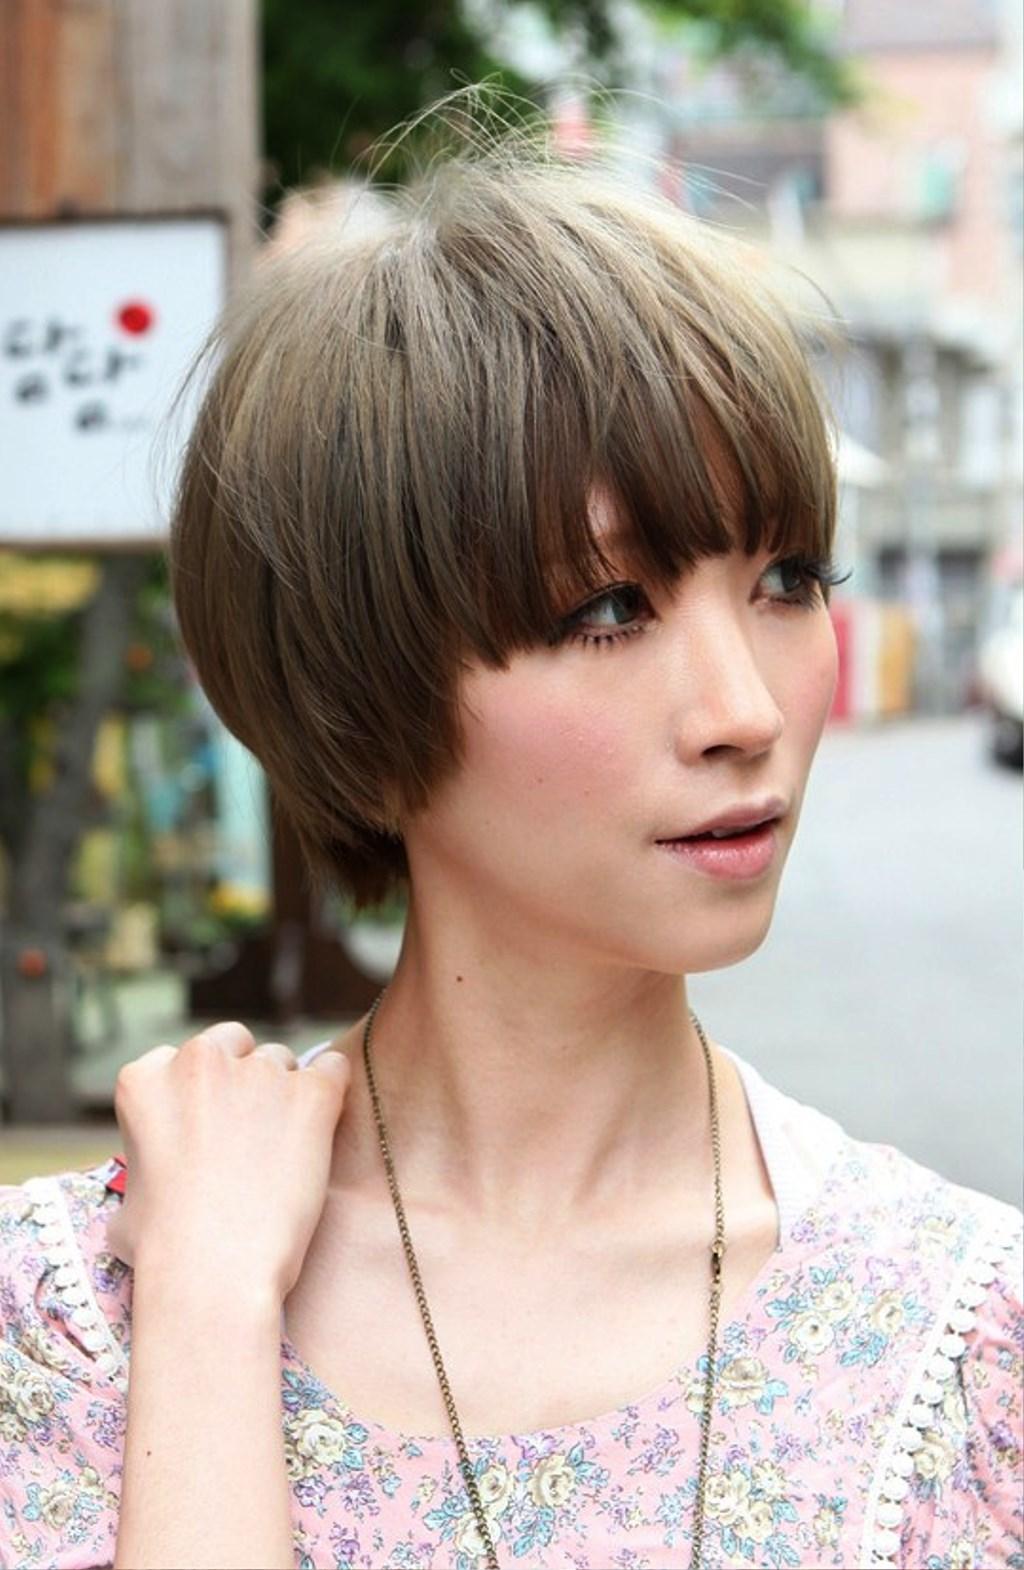 https://www.10500.com.tw/uploads/tadgallery/2018_03_20/716_Best-Short-Japanese-Hairstyle-For-Women.jpg 女生短髮髮型